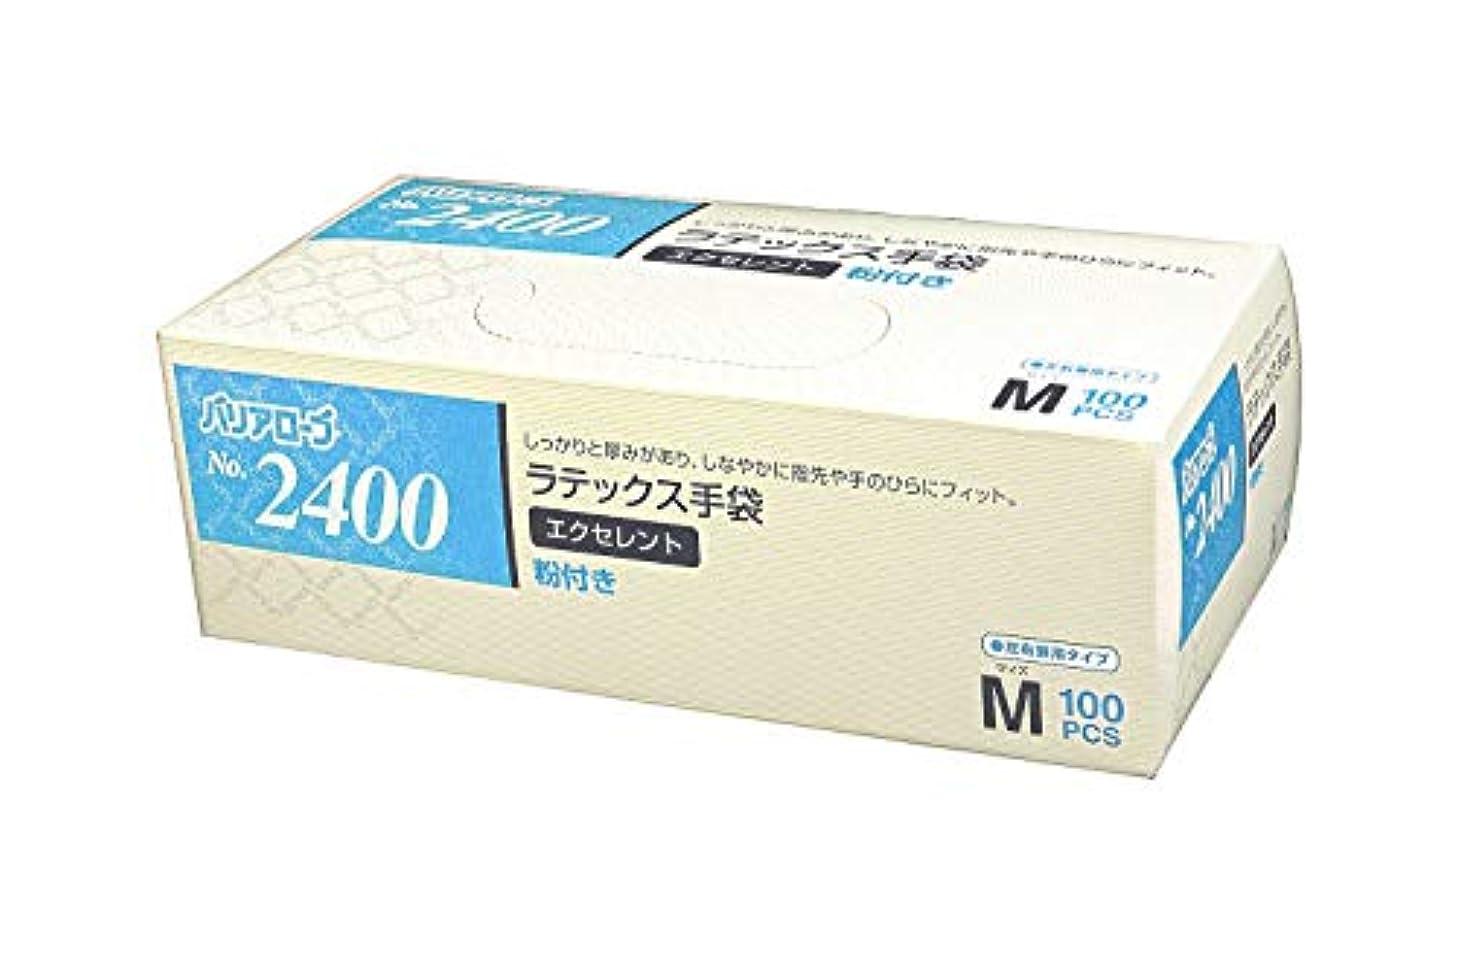 出くわすマージ滴下【ケース販売】 バリアローブ №2400 ラテックス手袋 エクセレント (粉付き) M 2000枚(100枚×20箱)